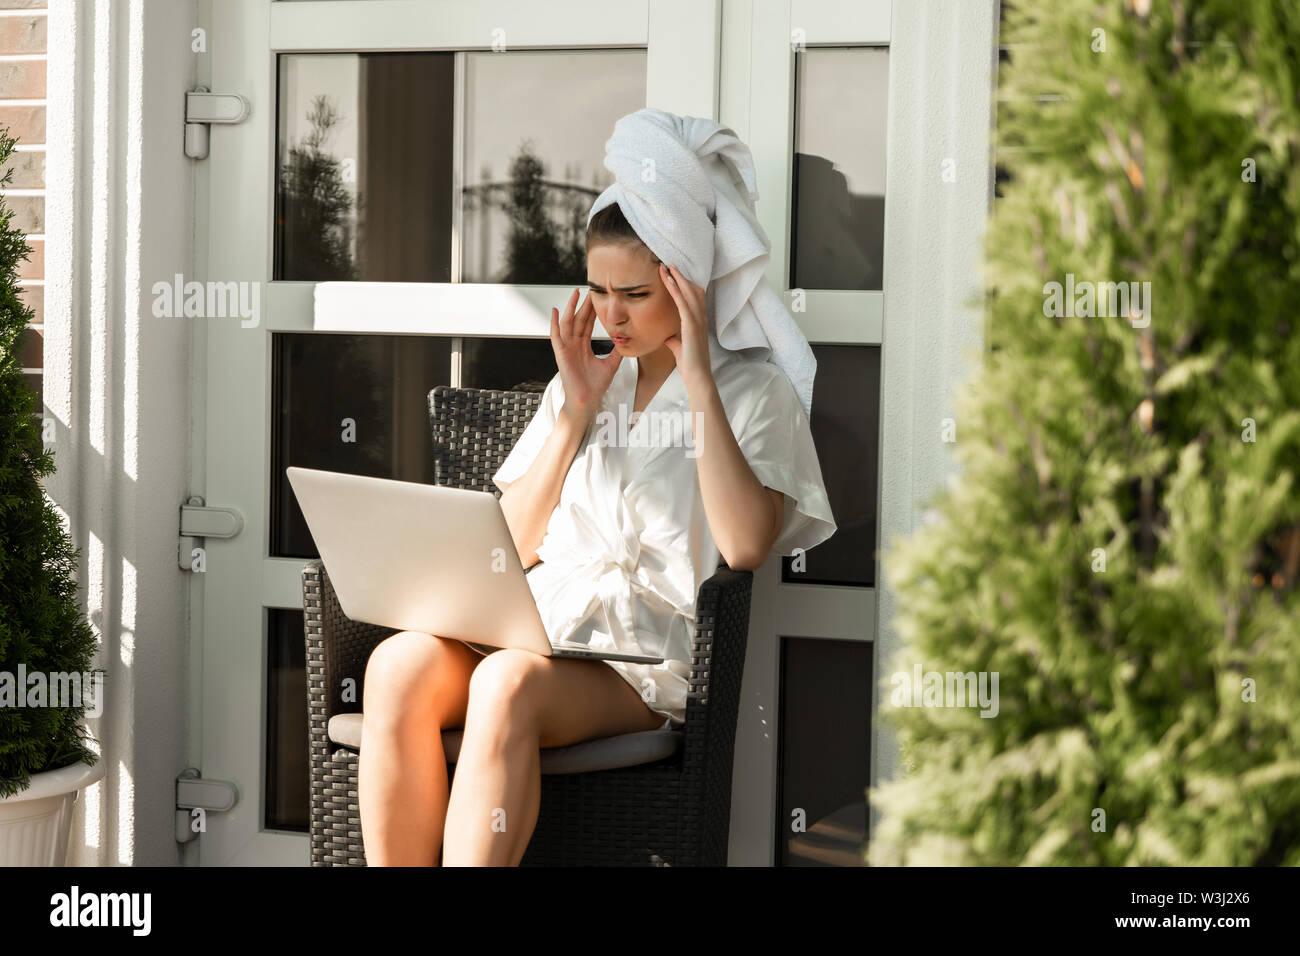 Gereizte junge brünette Frau mit Morgenmantel und weißen Handtuch in Ihrem Laptop arbeiten von zu Hause aus auf der Terrasse sitzen. Stockbild